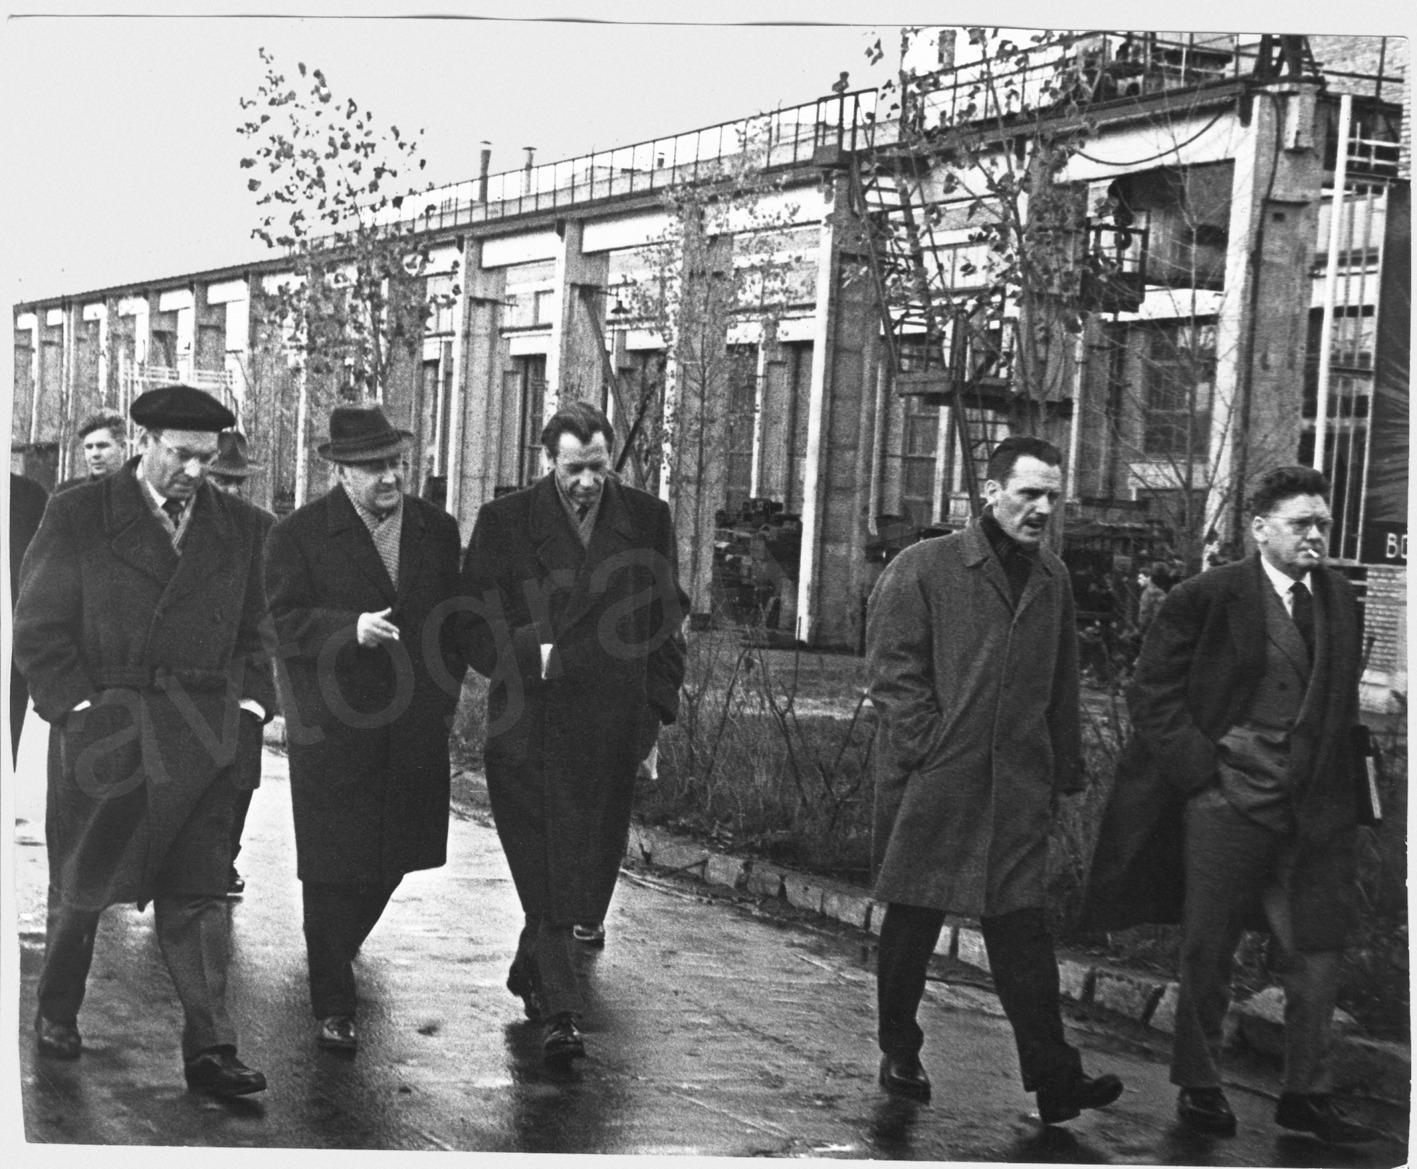 18_Седых_Ративани_Машеров_РоберПонтийон_Газье_Минск-1963